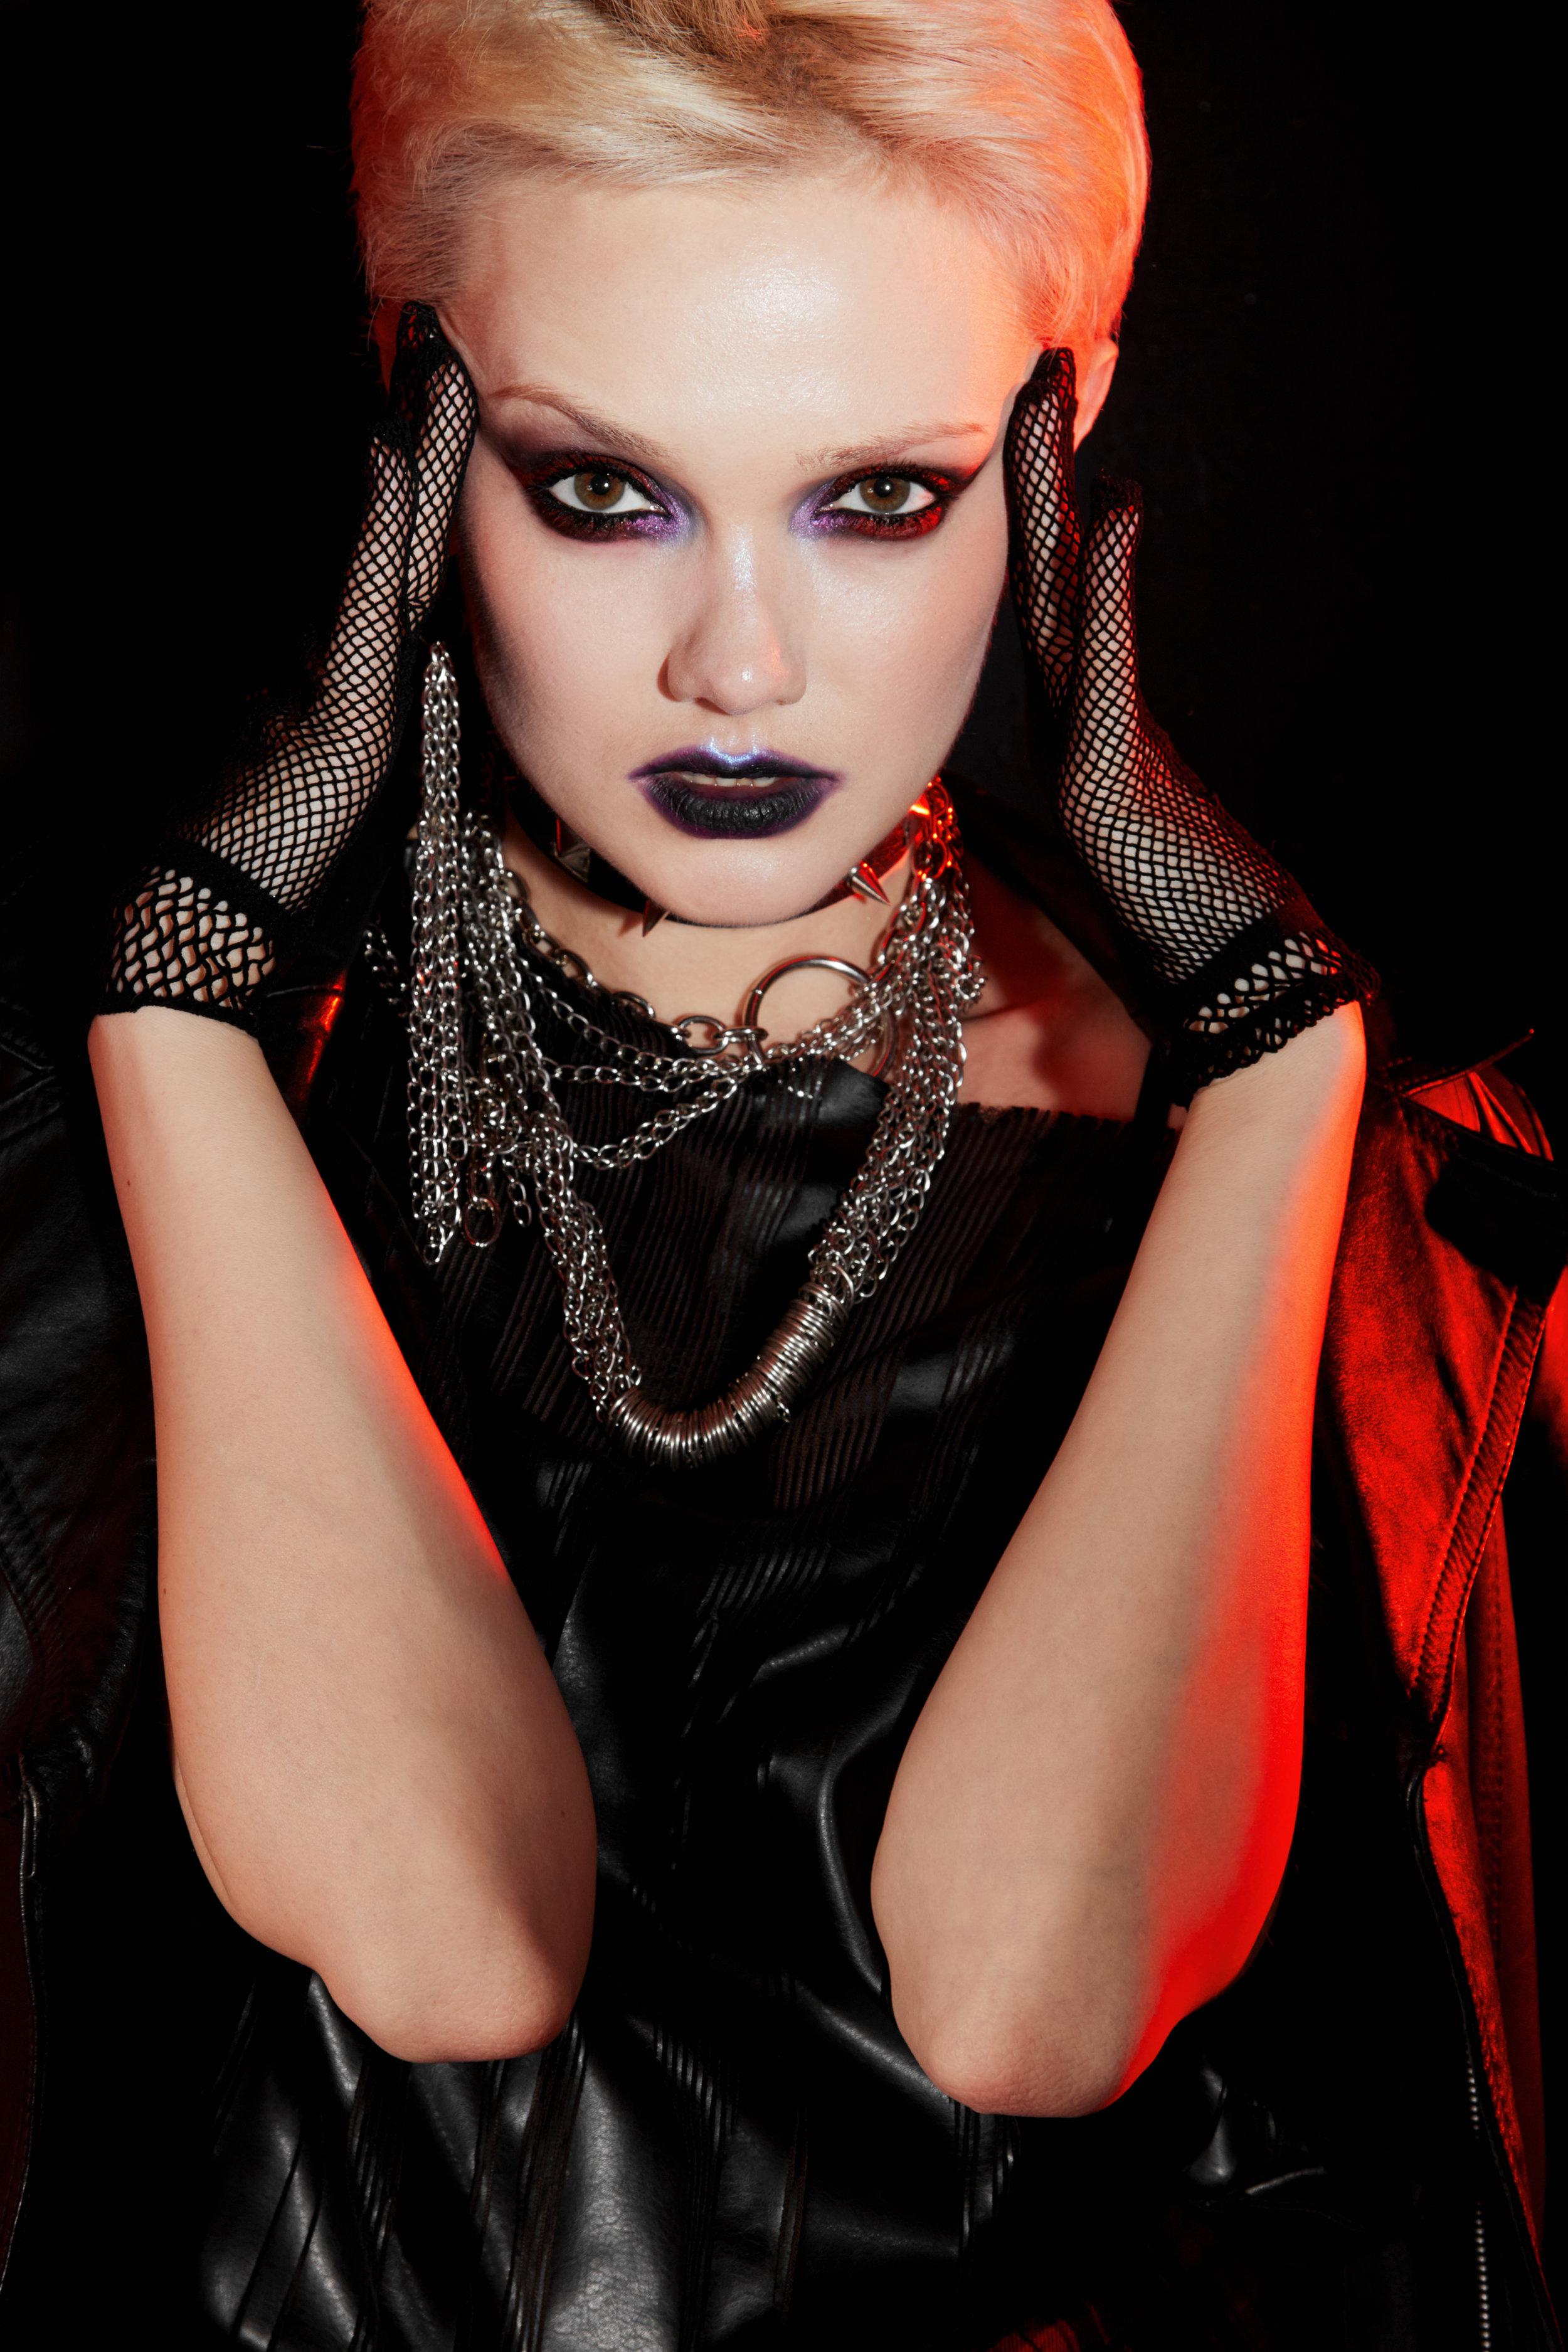 Leather jacket, leather coat - Nadezda Sizova Chains, mesh gloves - Stylist property